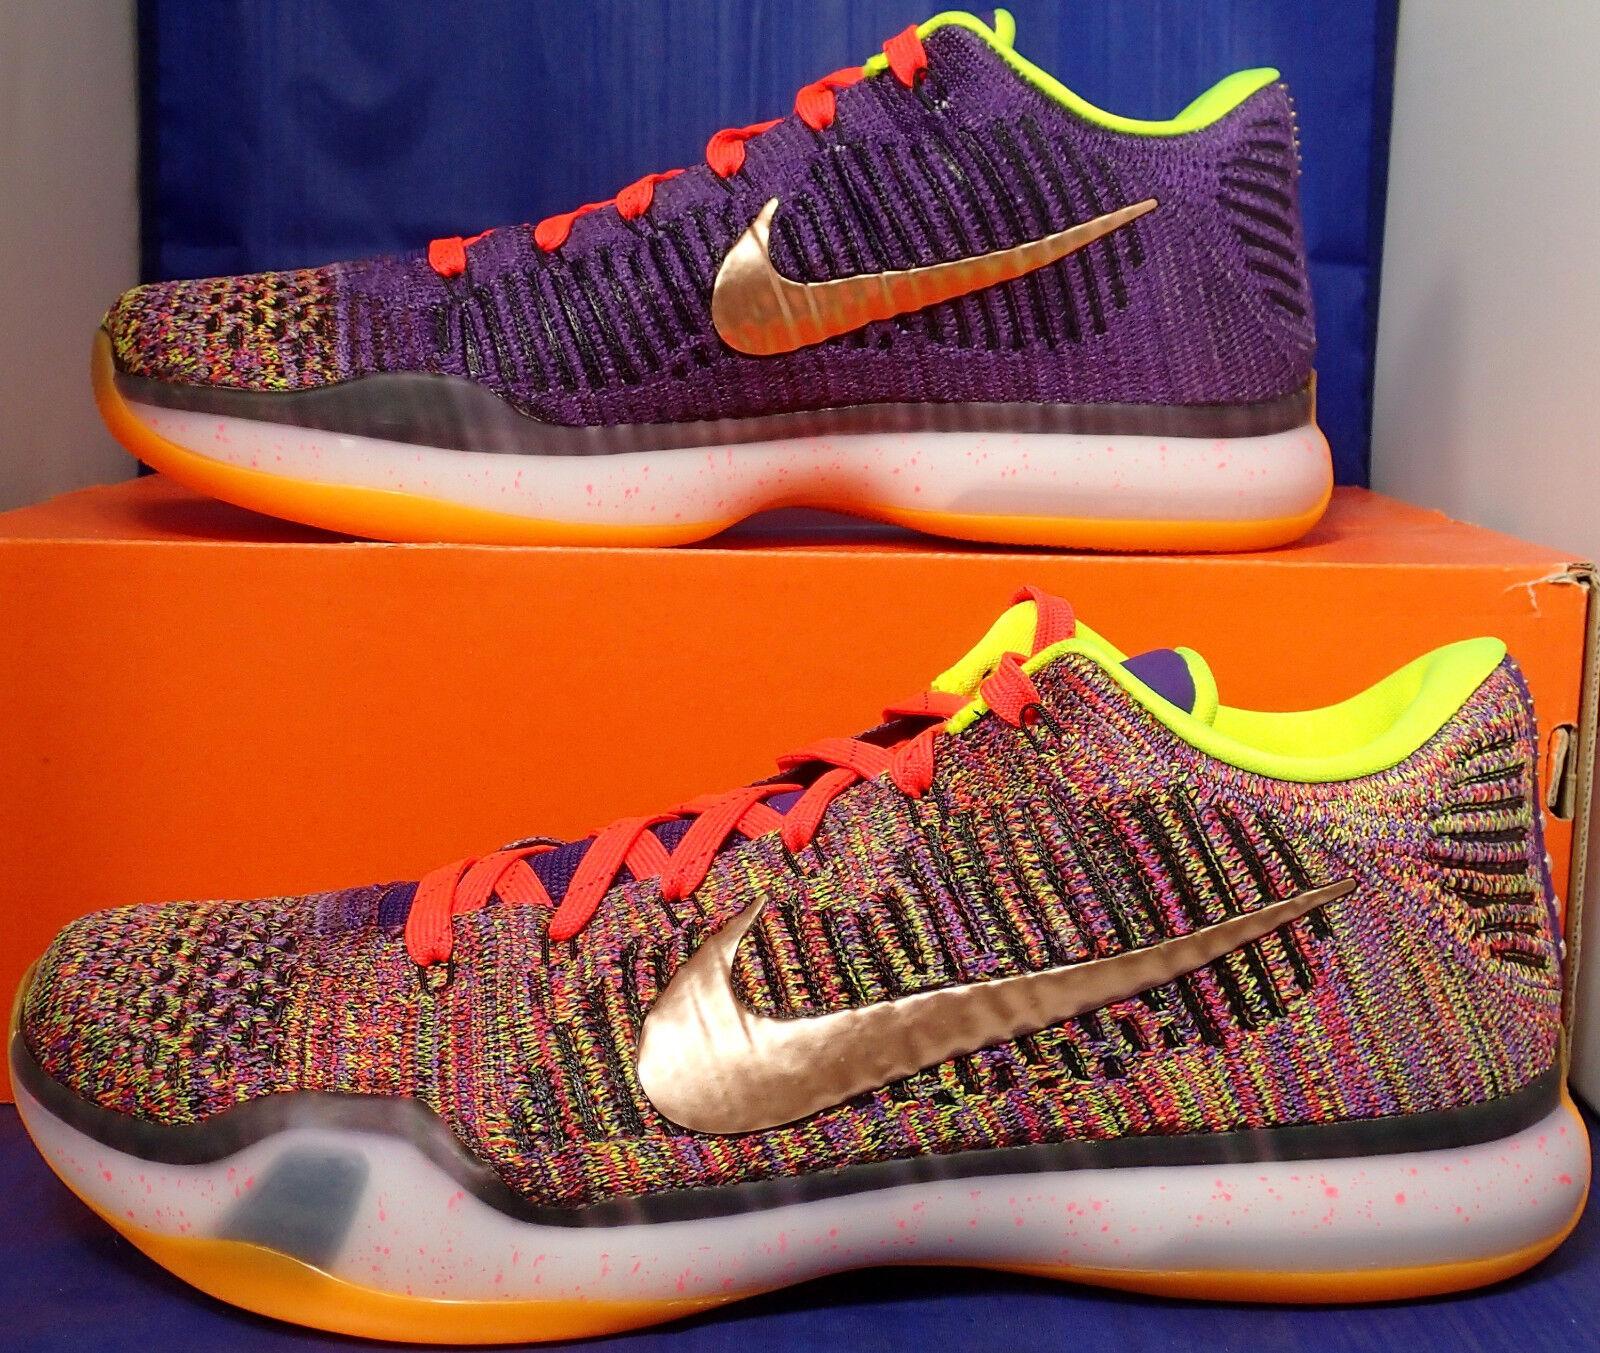 Nike Kobe X Elite Low Flyknit Multicolor 2.0 QS Purple iD SZ 10 ( 802817-903 )